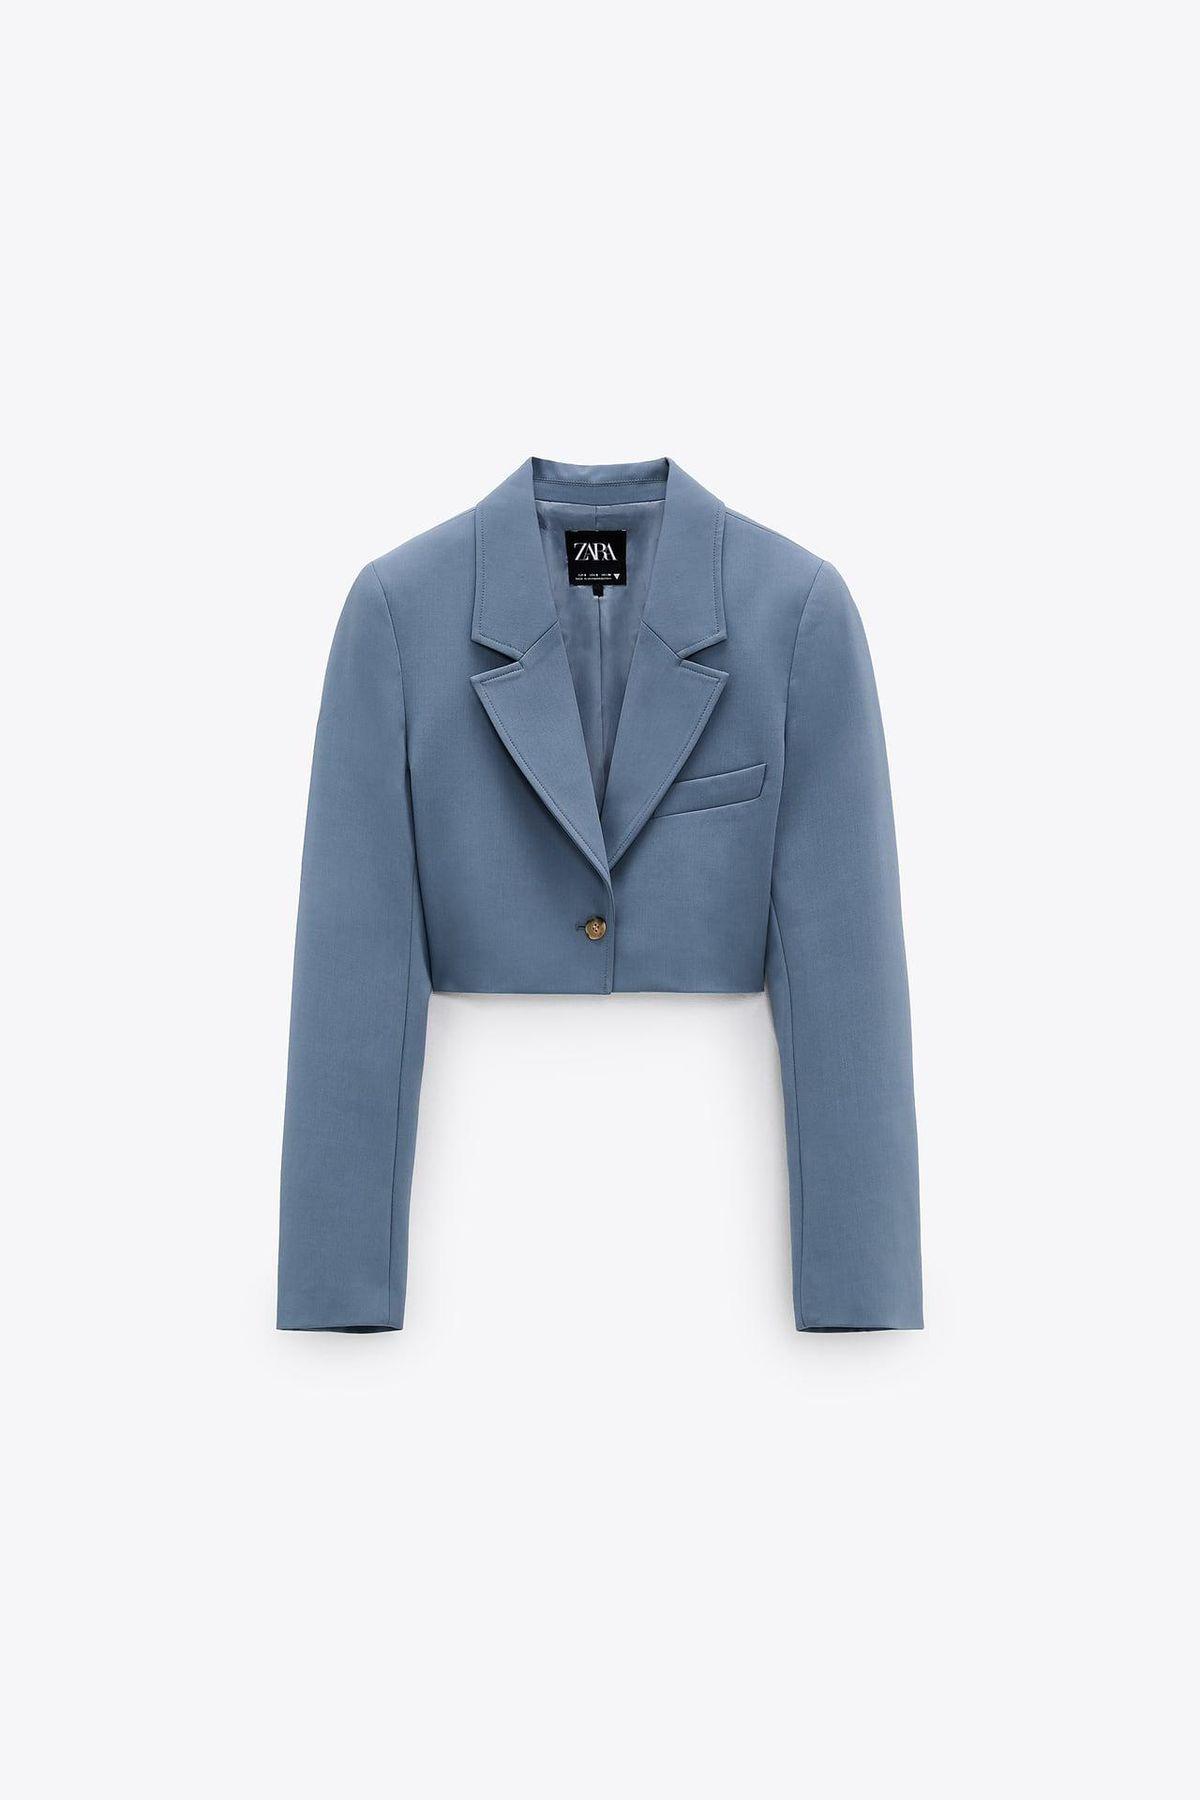 zara topstitched cropped blazer